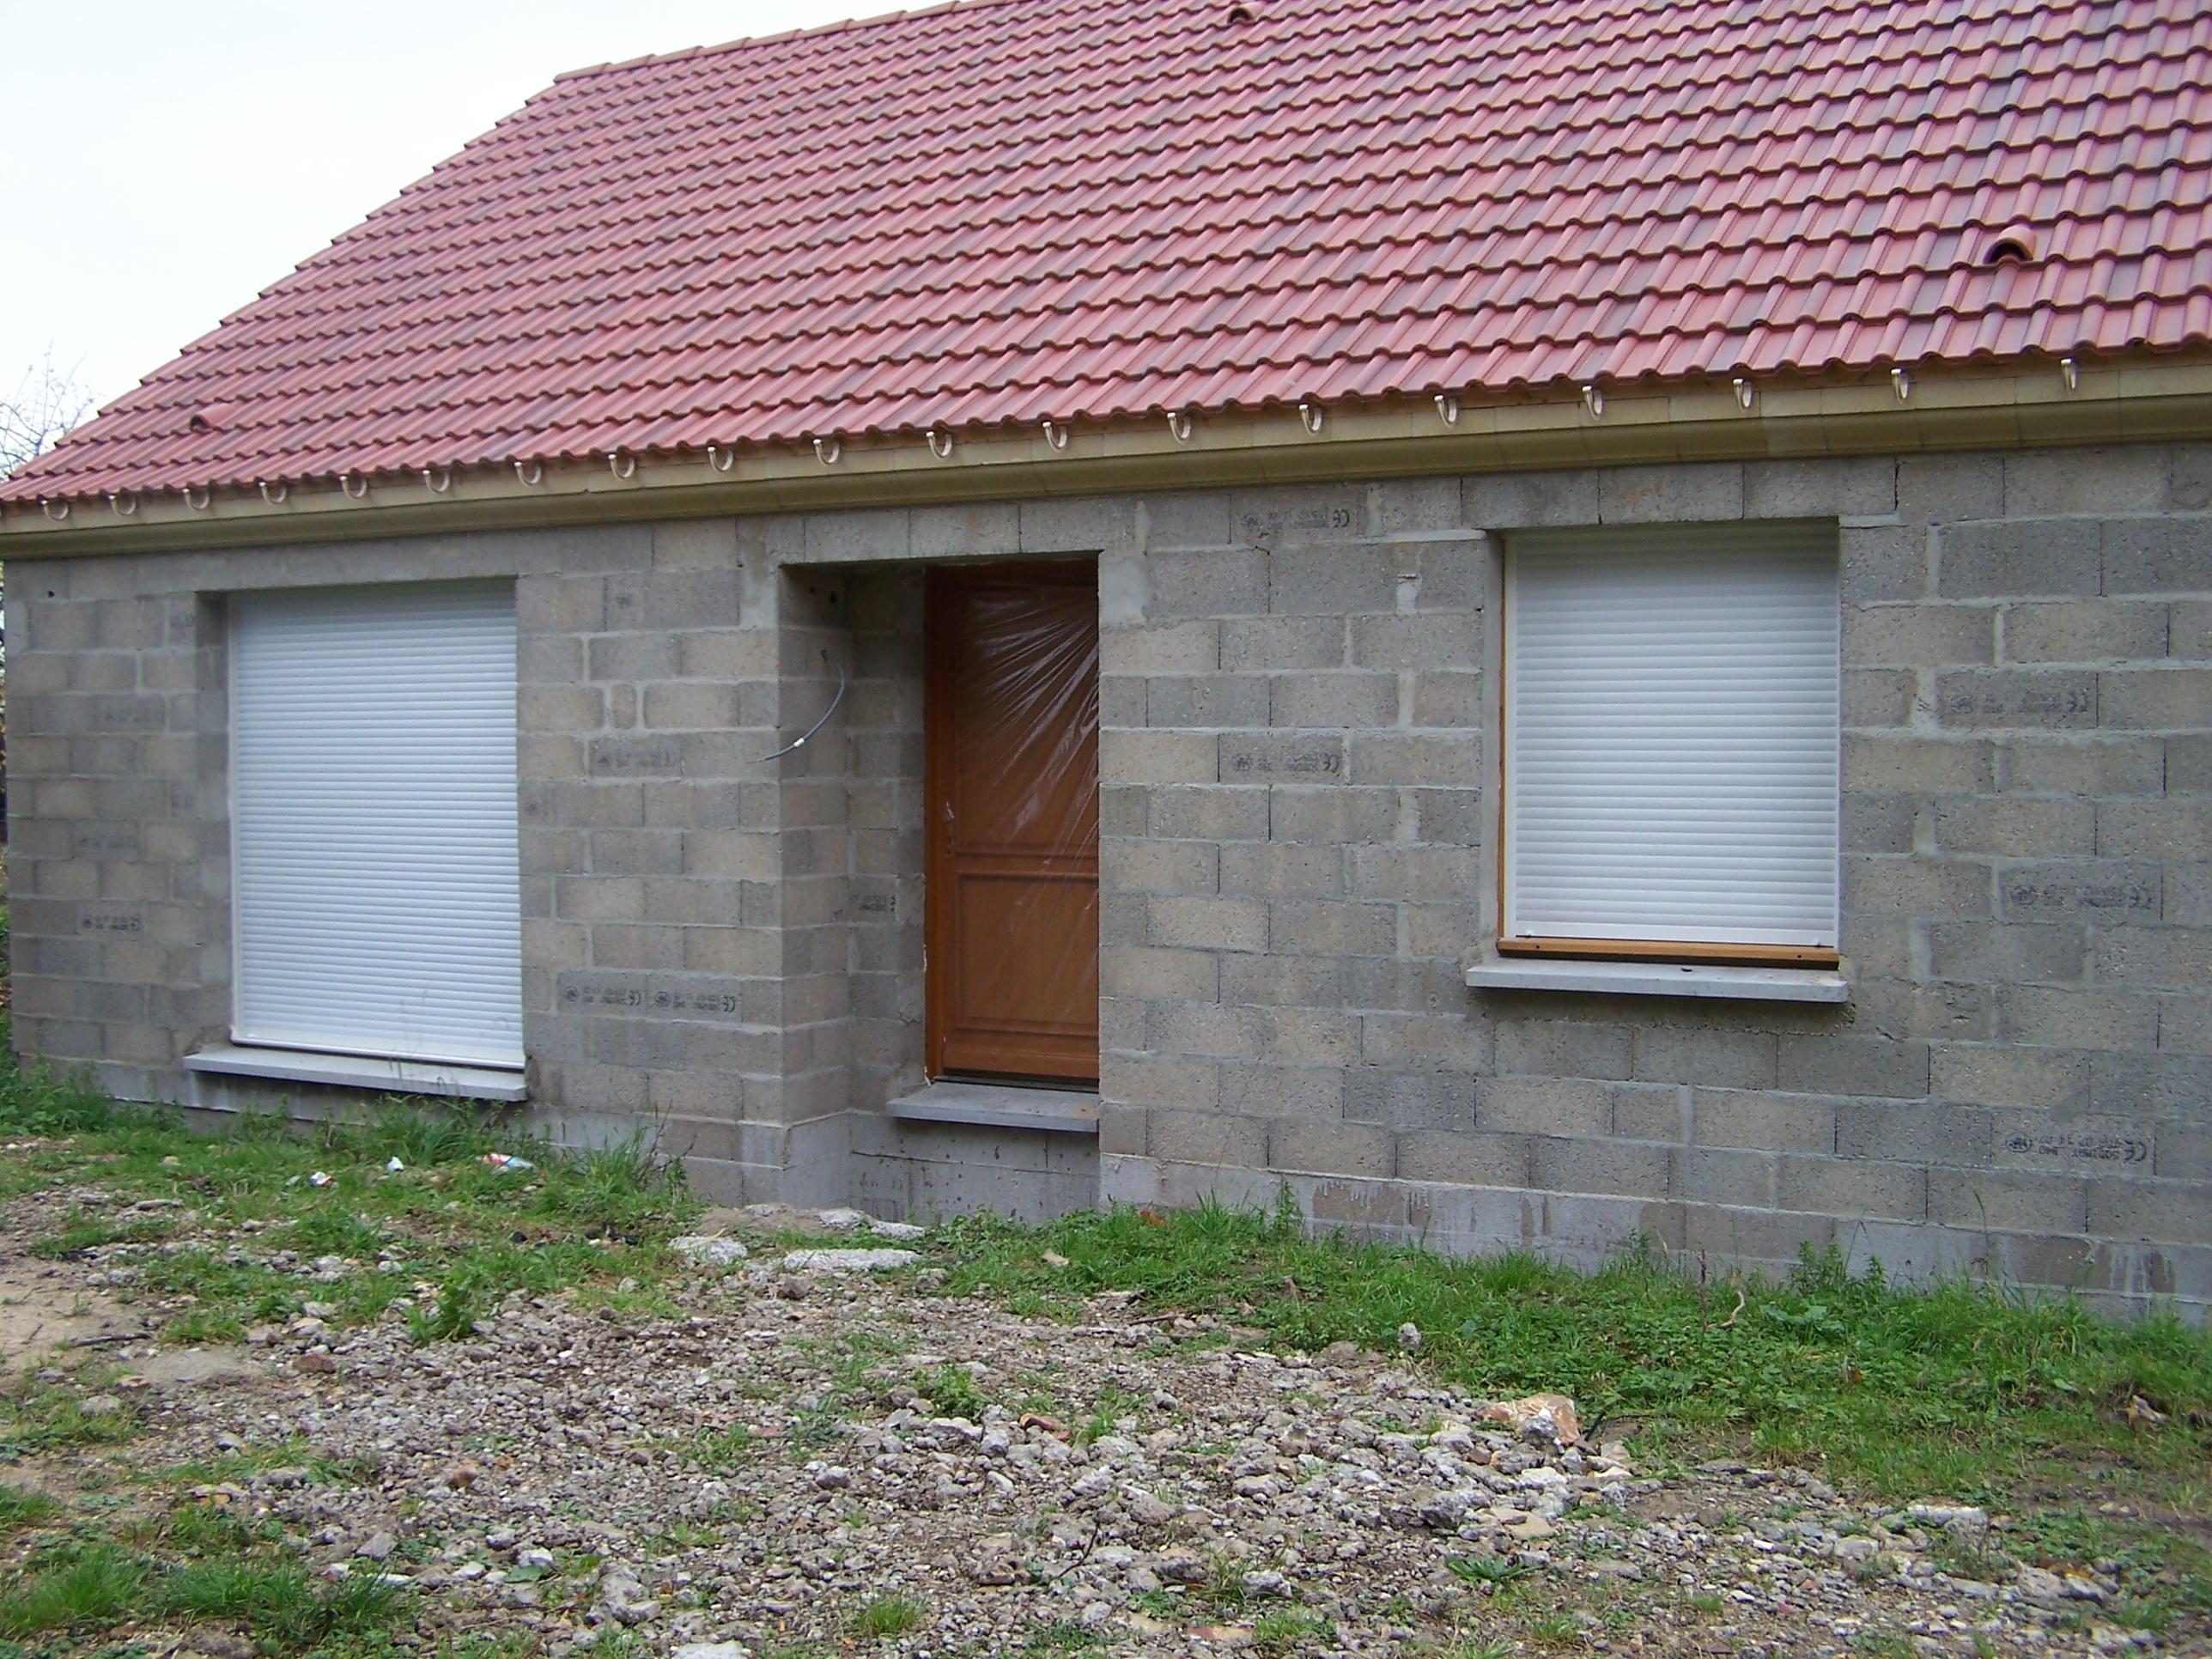 Prix M2 Hors D Eau Hors D Air en ce qui concerne construire sa maison hors d eau hors d air